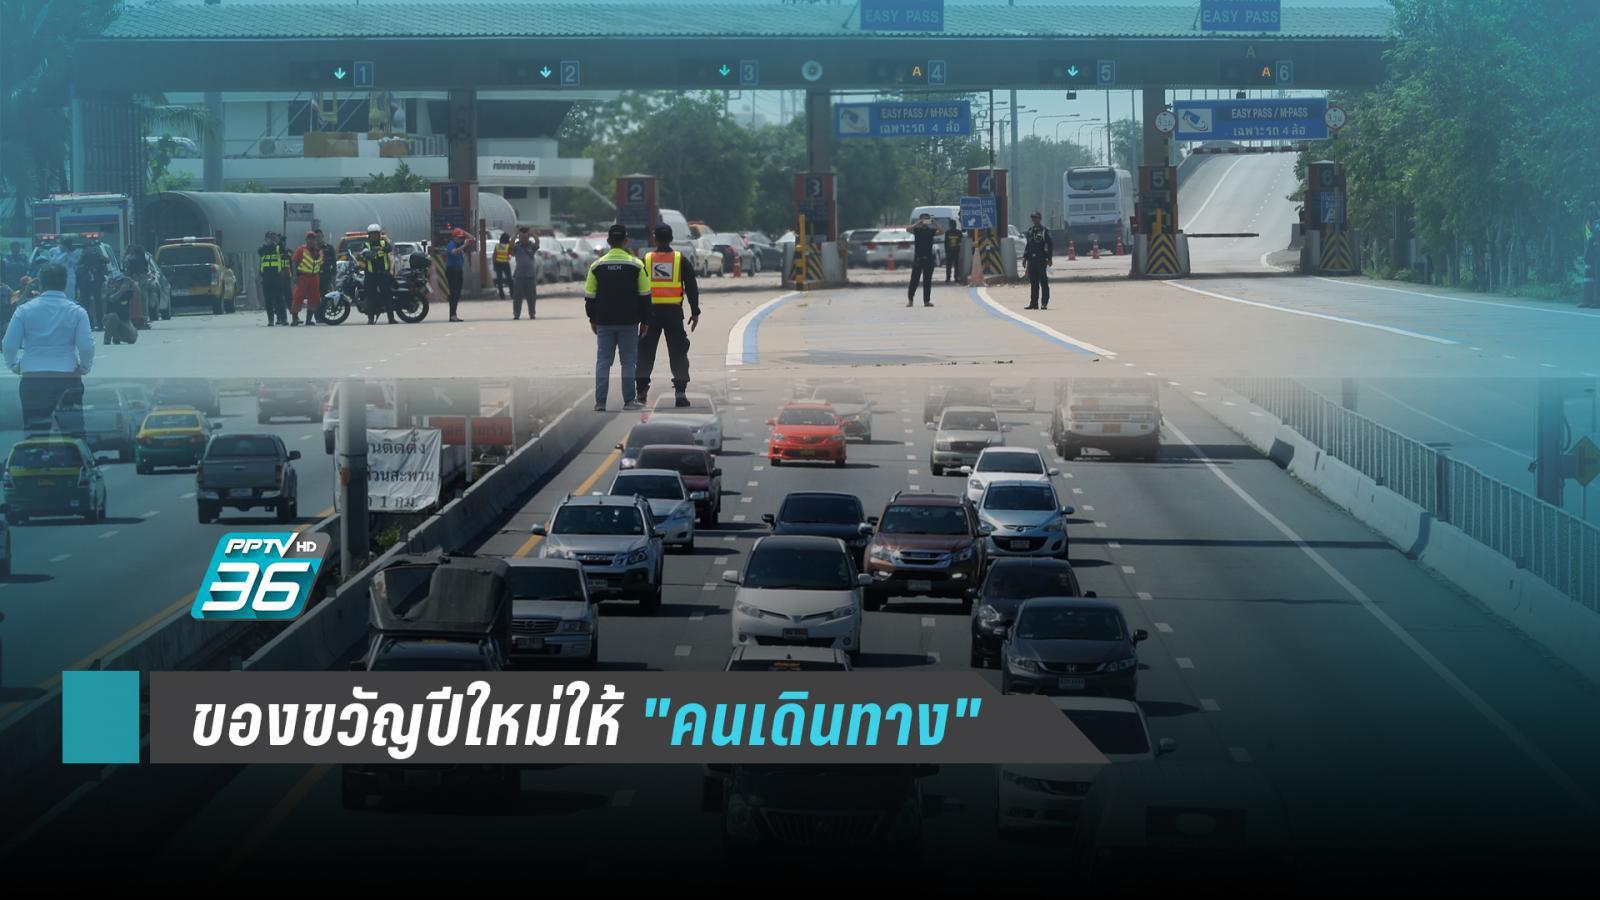 รัฐบาลทุ่มของขวัญปีใหม่ 2563 จัดชุดใหญ่ช่วยคนเดินทาง